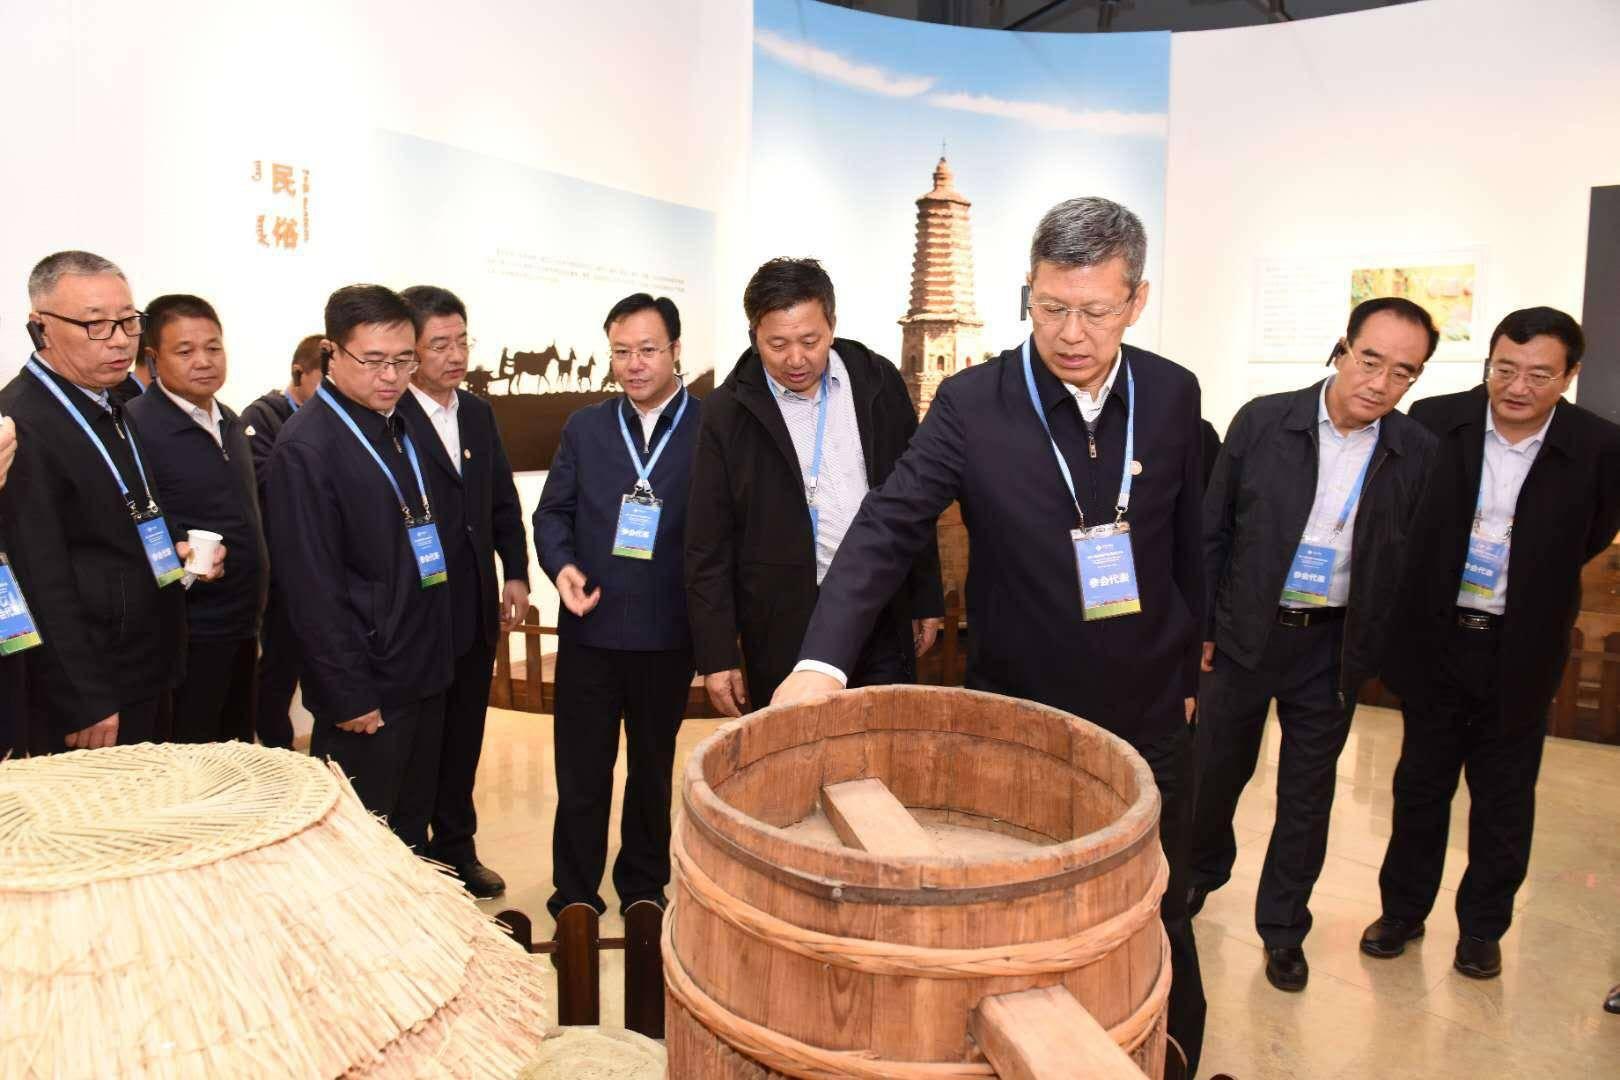 内蒙古赤峰市召开第二届旅游产业发展大会